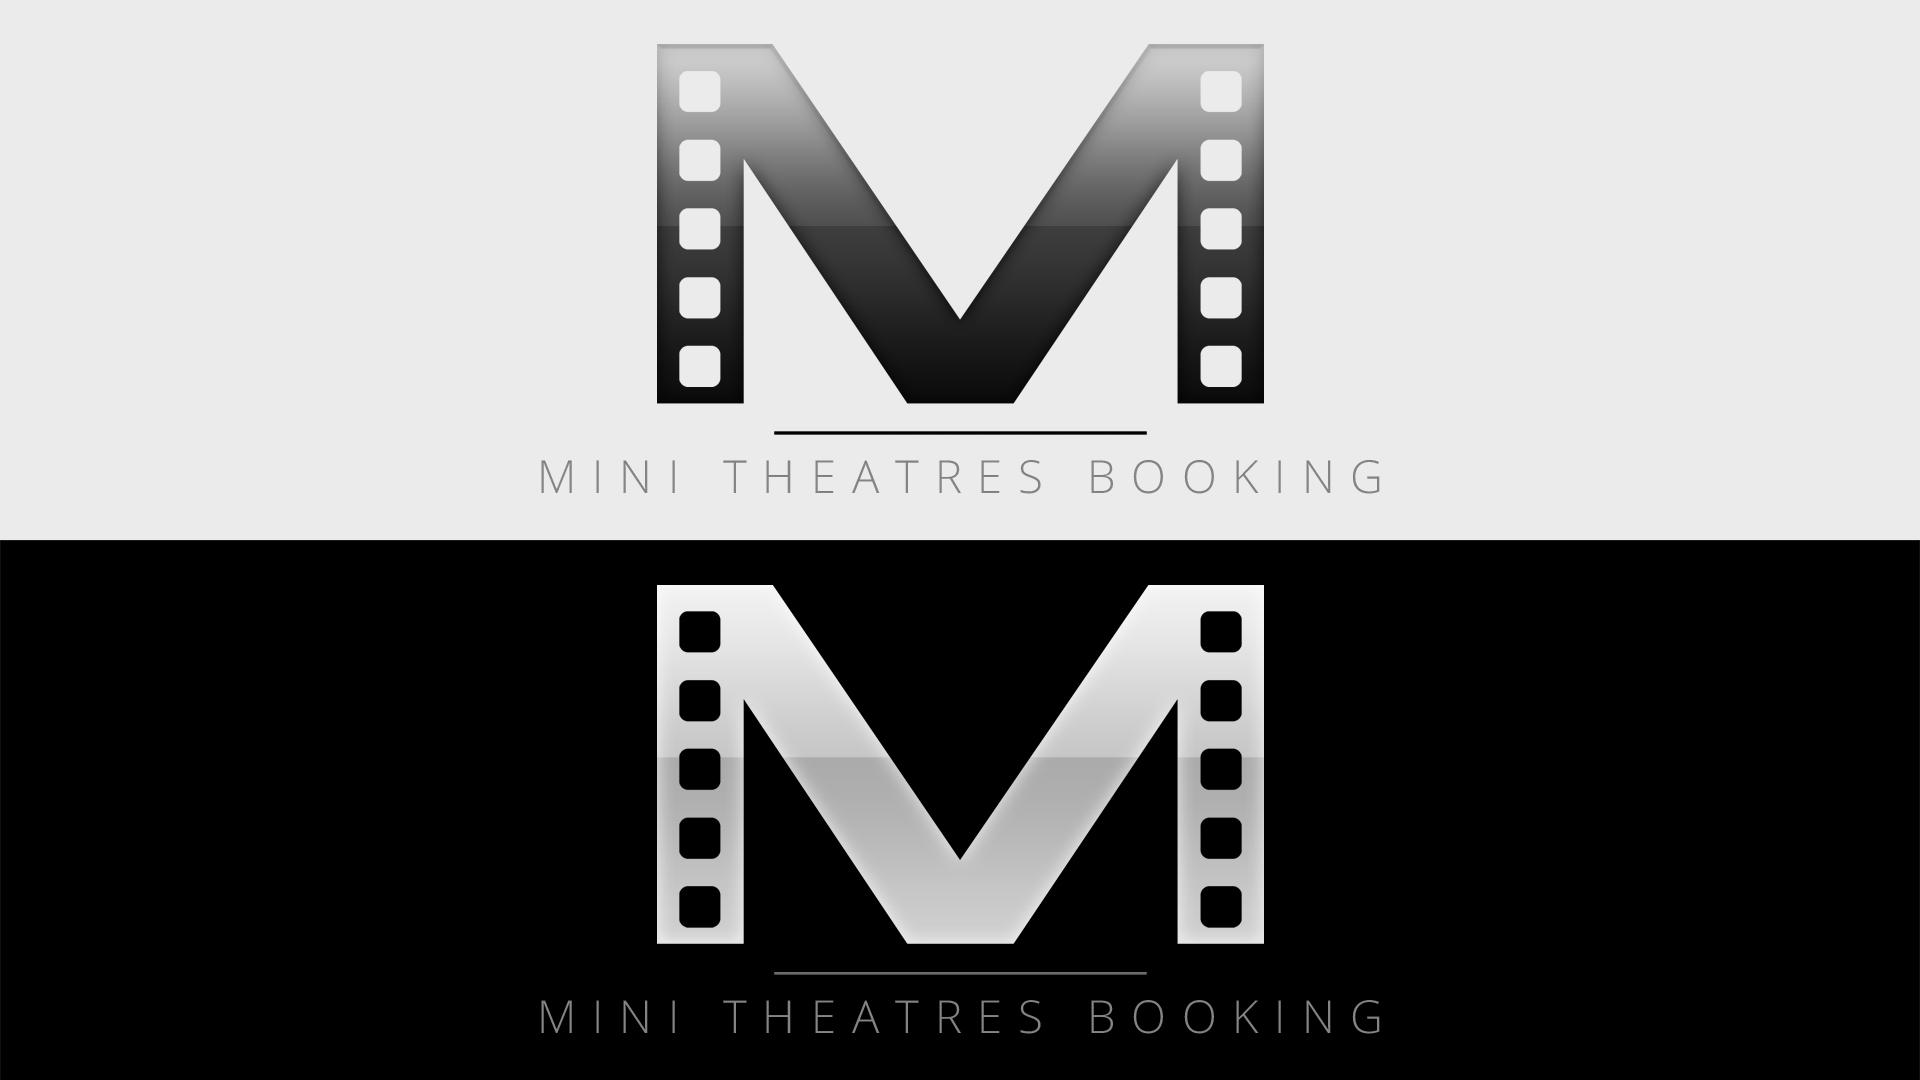 Jon-Caron-Mini-Theatres-Booking-Logo-JC-Art.jpg